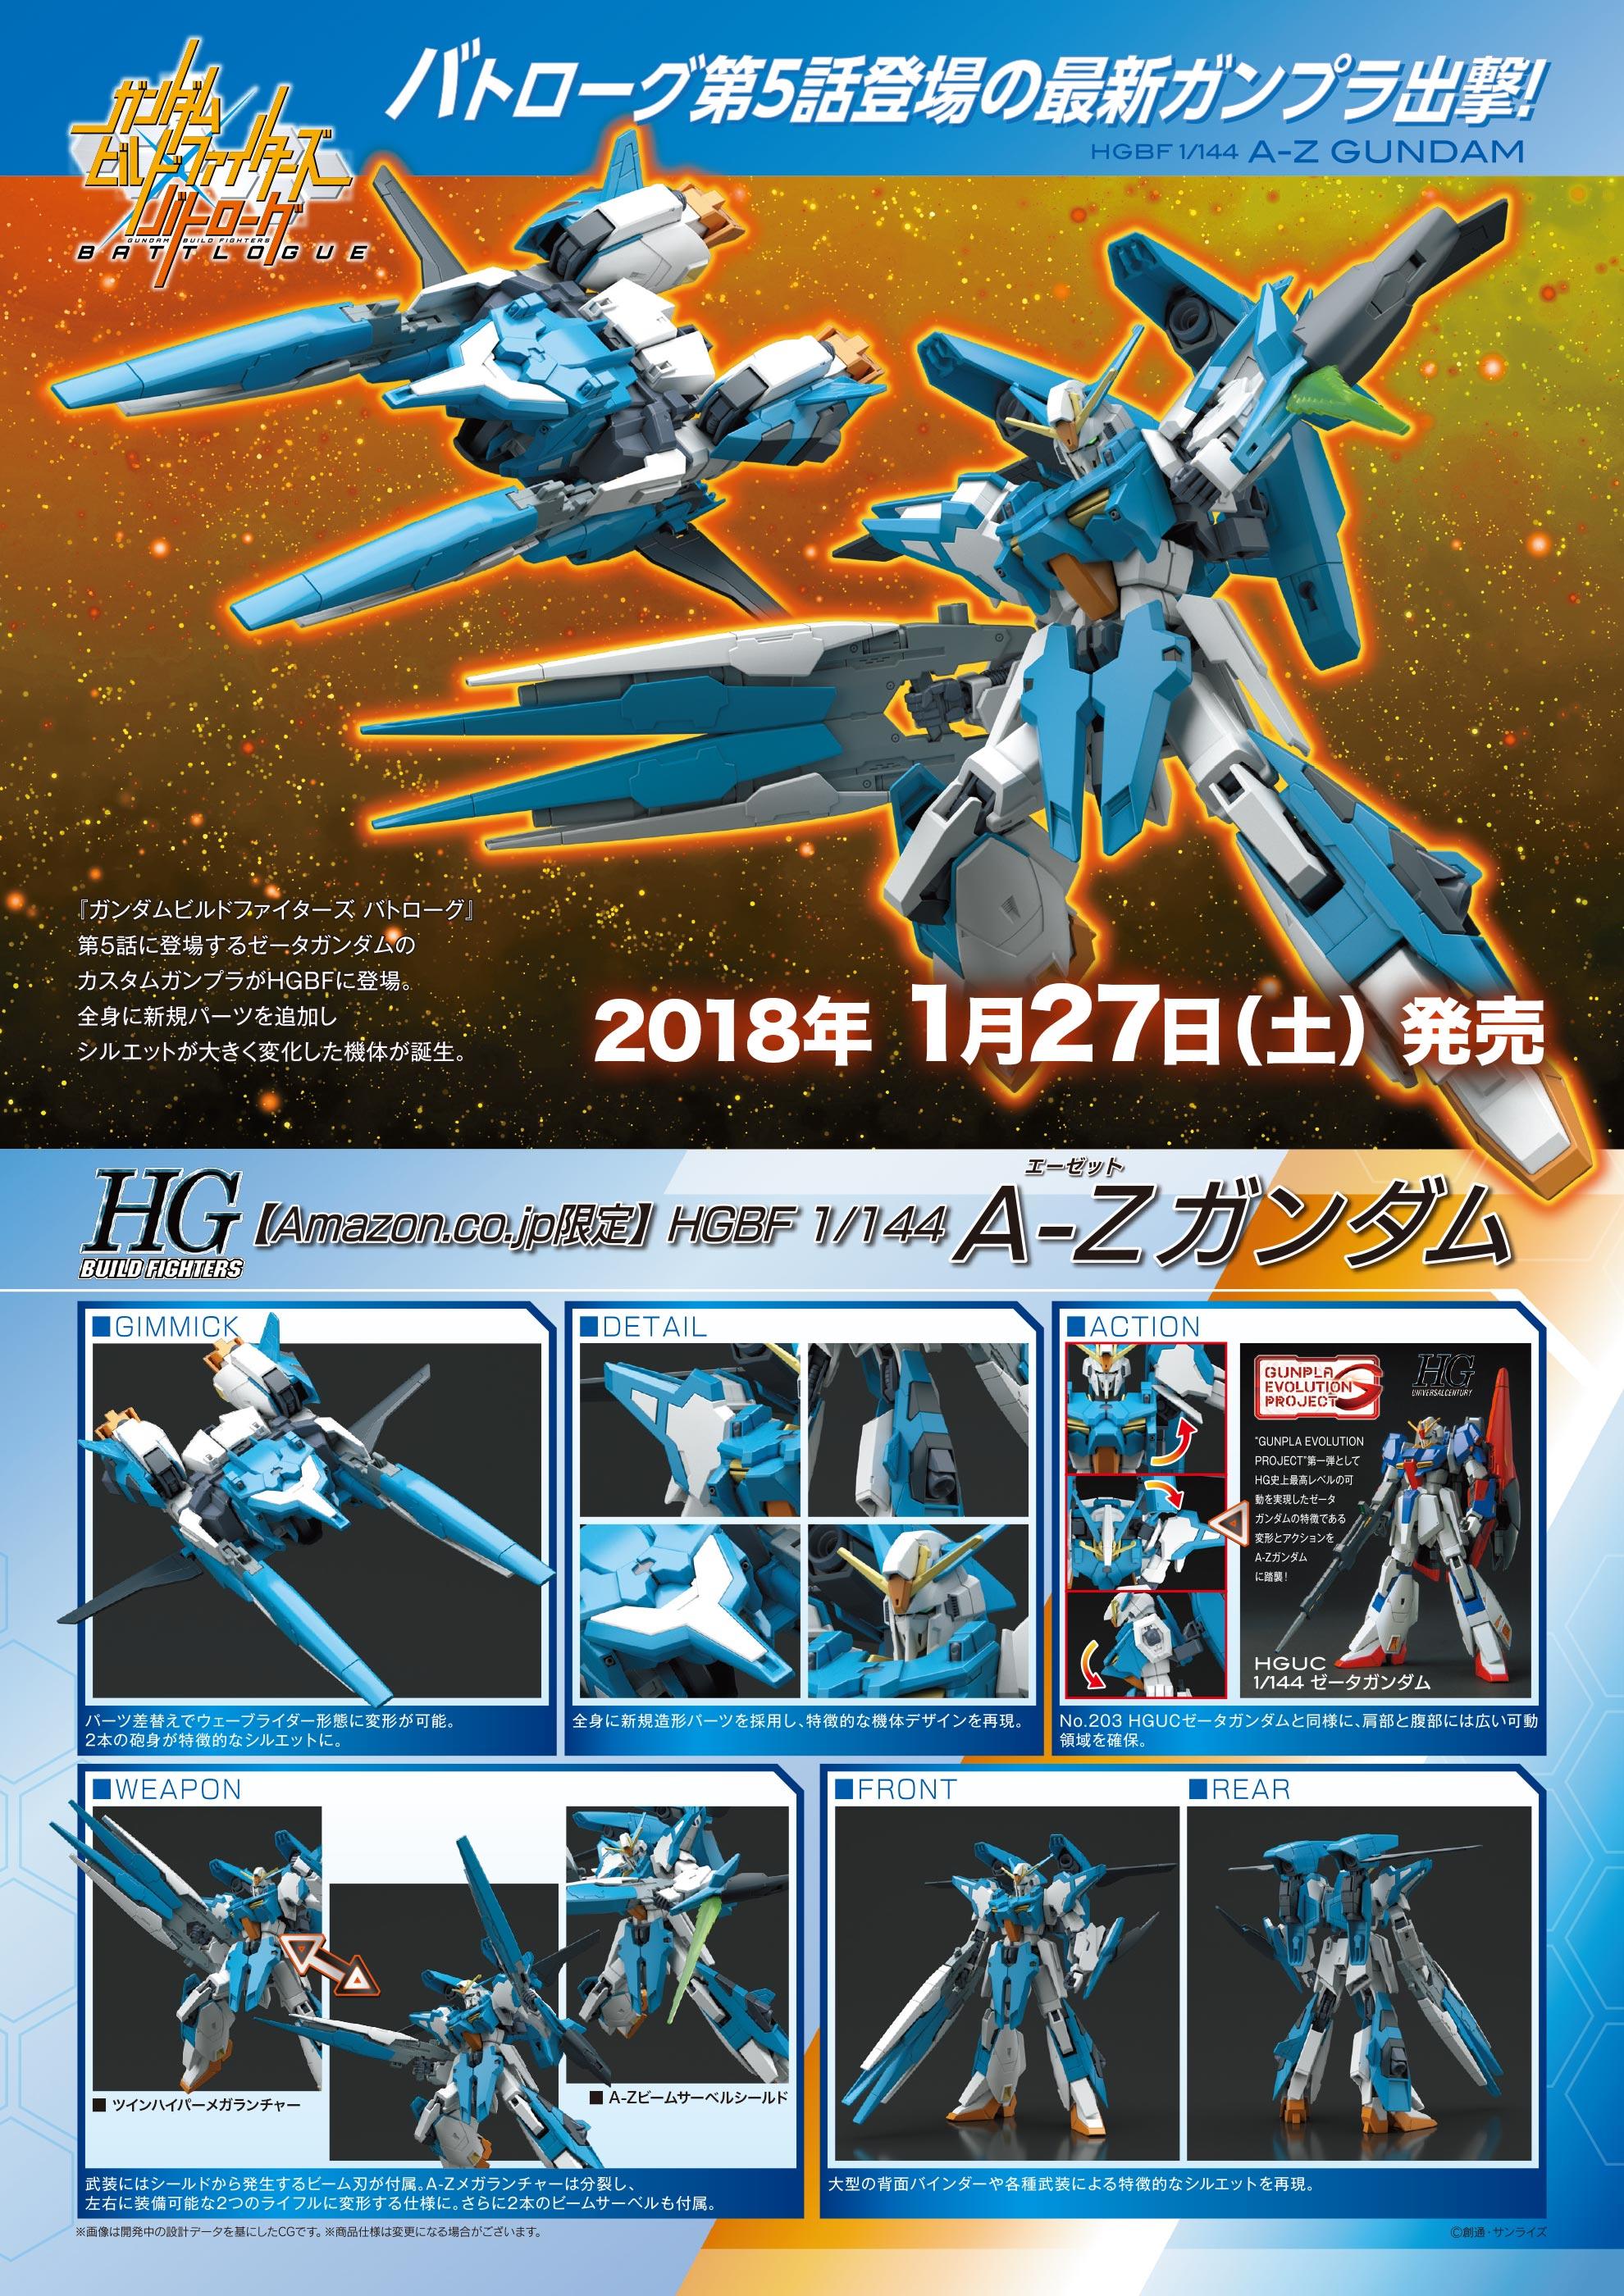 HGBF 1/144 amazon.co.jp A-Zガンダム 公式商品説明(画像)